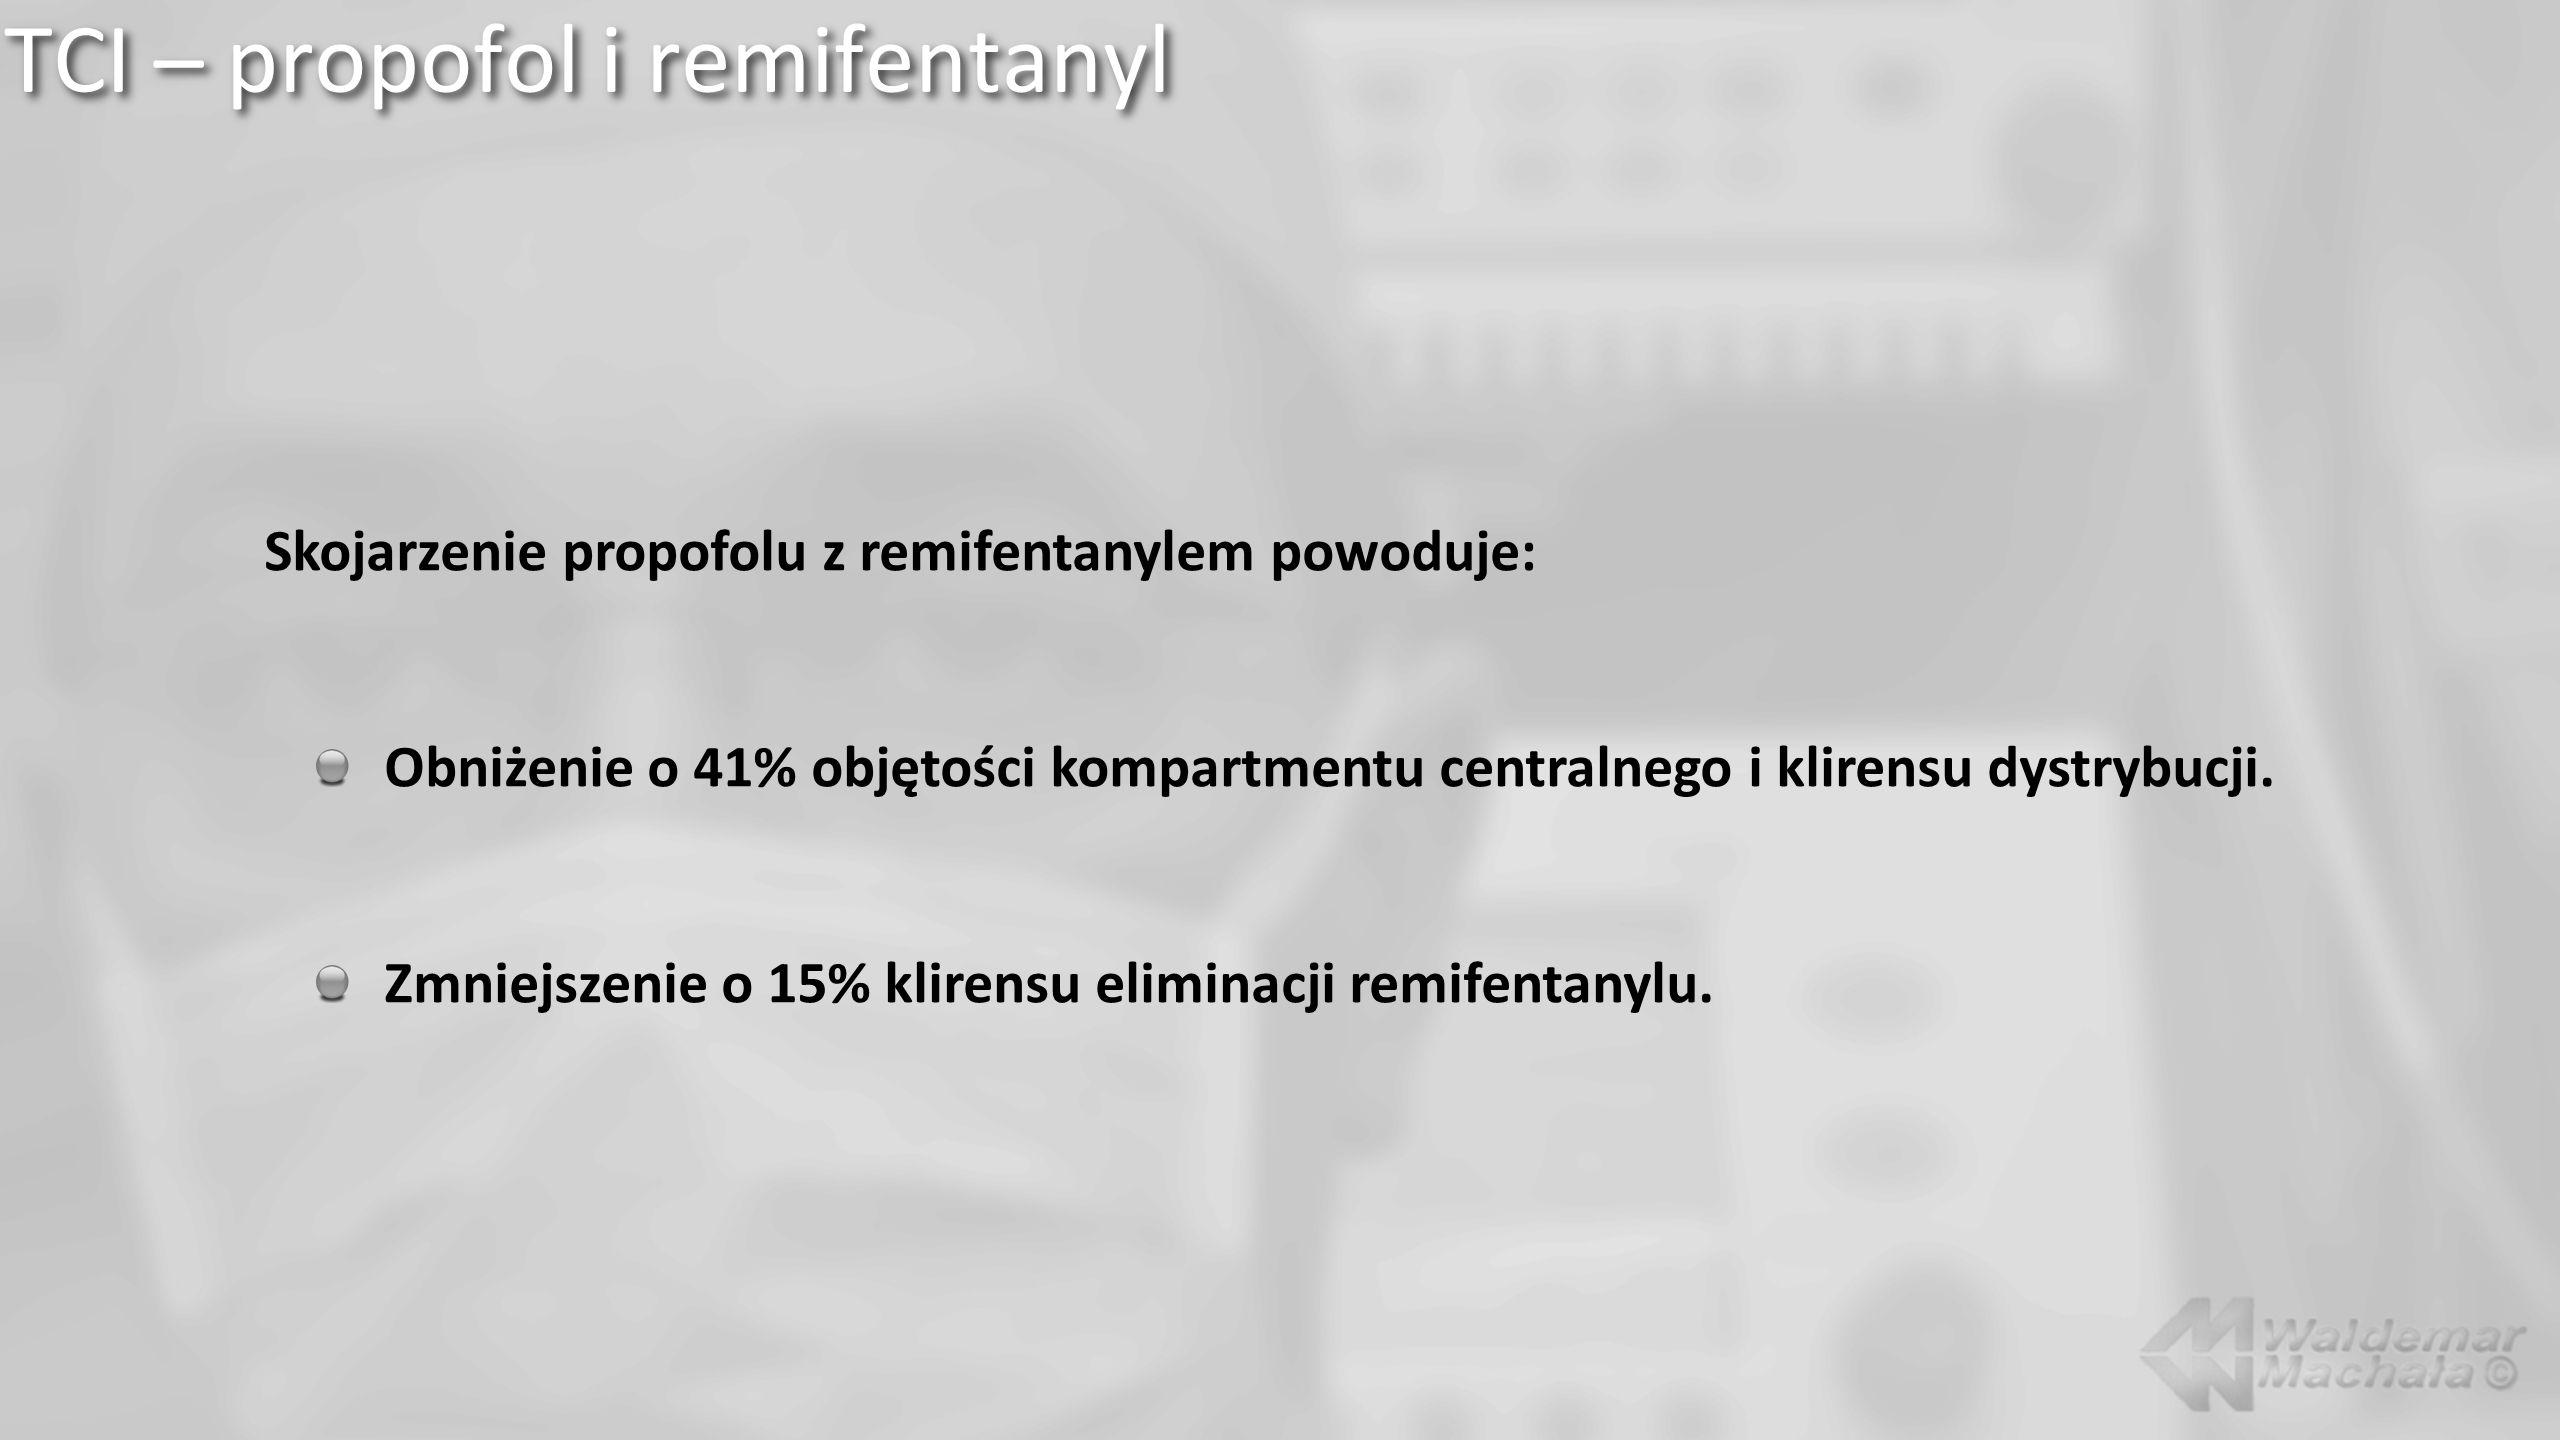 TCI – propofol i remifentanyl Skojarzenie propofolu z remifentanylem powoduje: Obniżenie o 41% objętości kompartmentu centralnego i klirensu dystrybuc